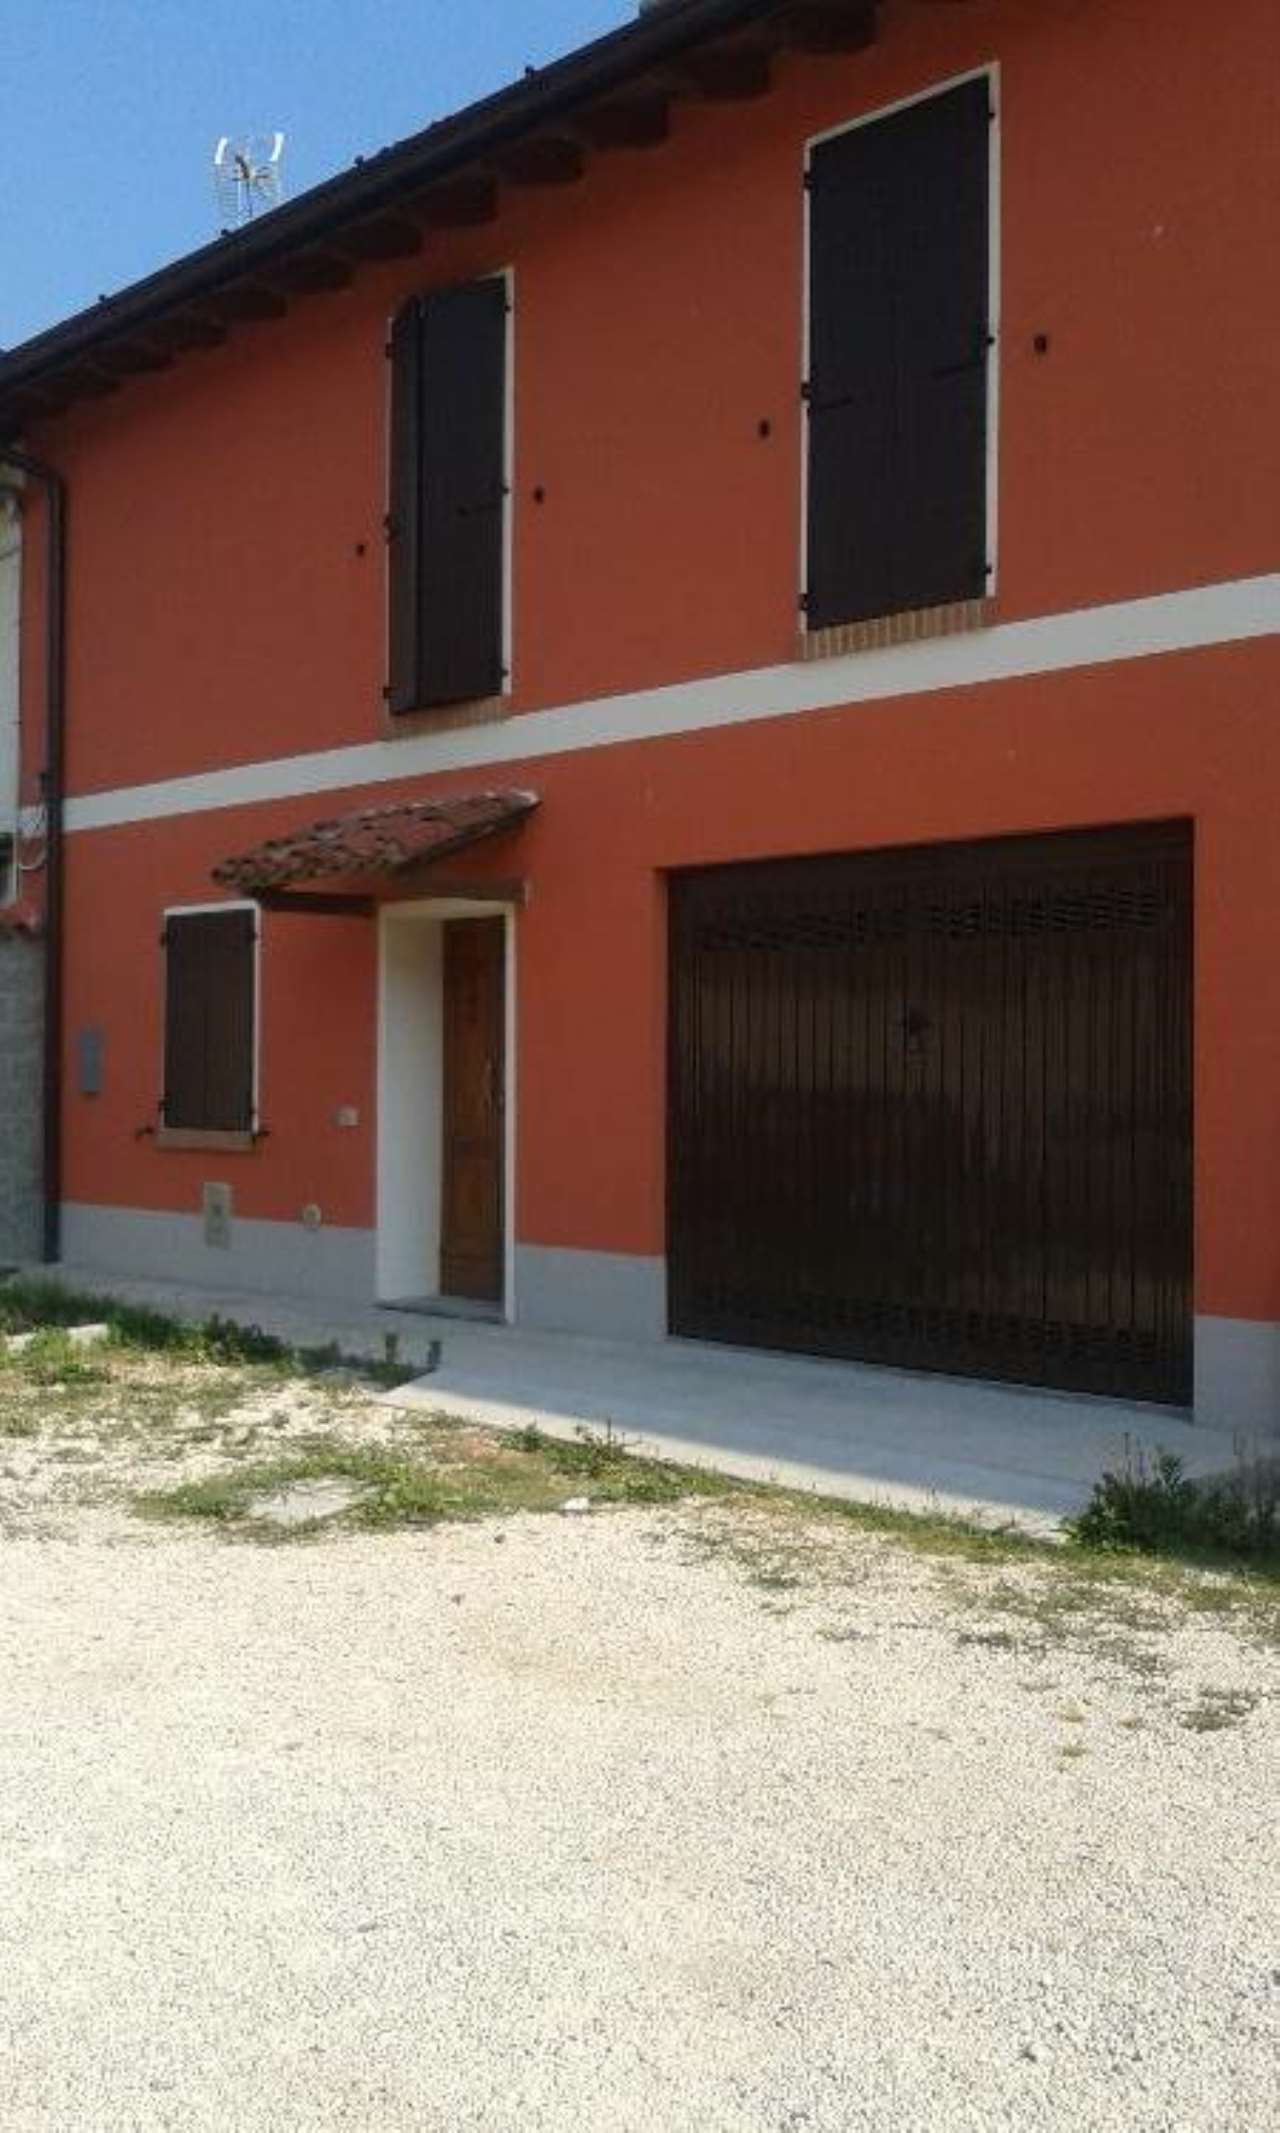 Rustico / Casale in affitto a Gadesco-Pieve Delmona, 3 locali, prezzo € 400 | Cambio Casa.it